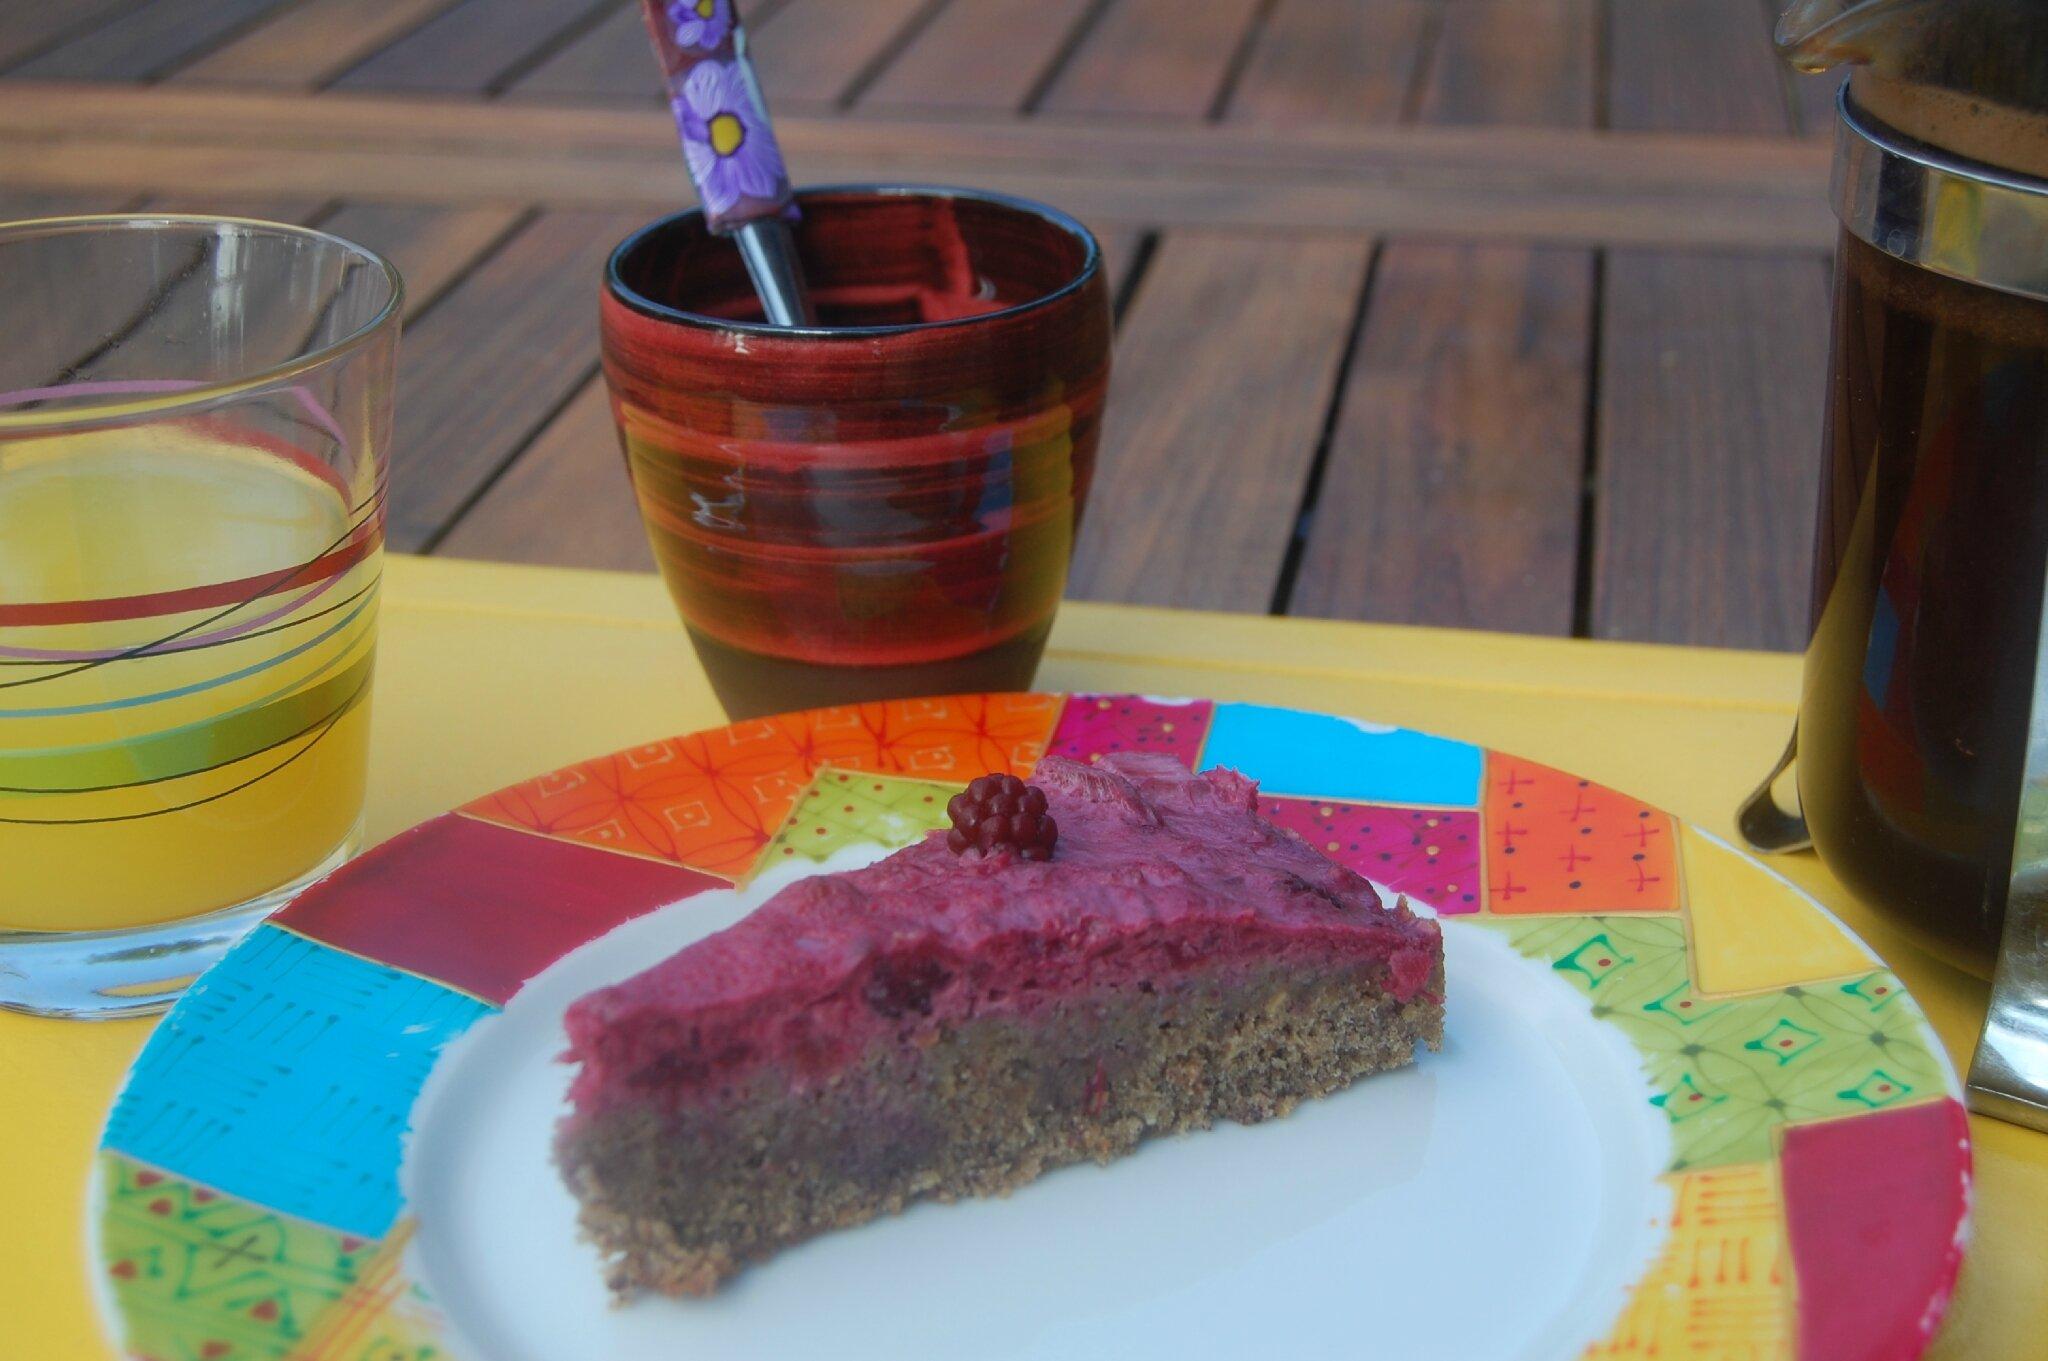 Mélanger rhubarbe, framboises et noisettes pour un petit plaisir sucré